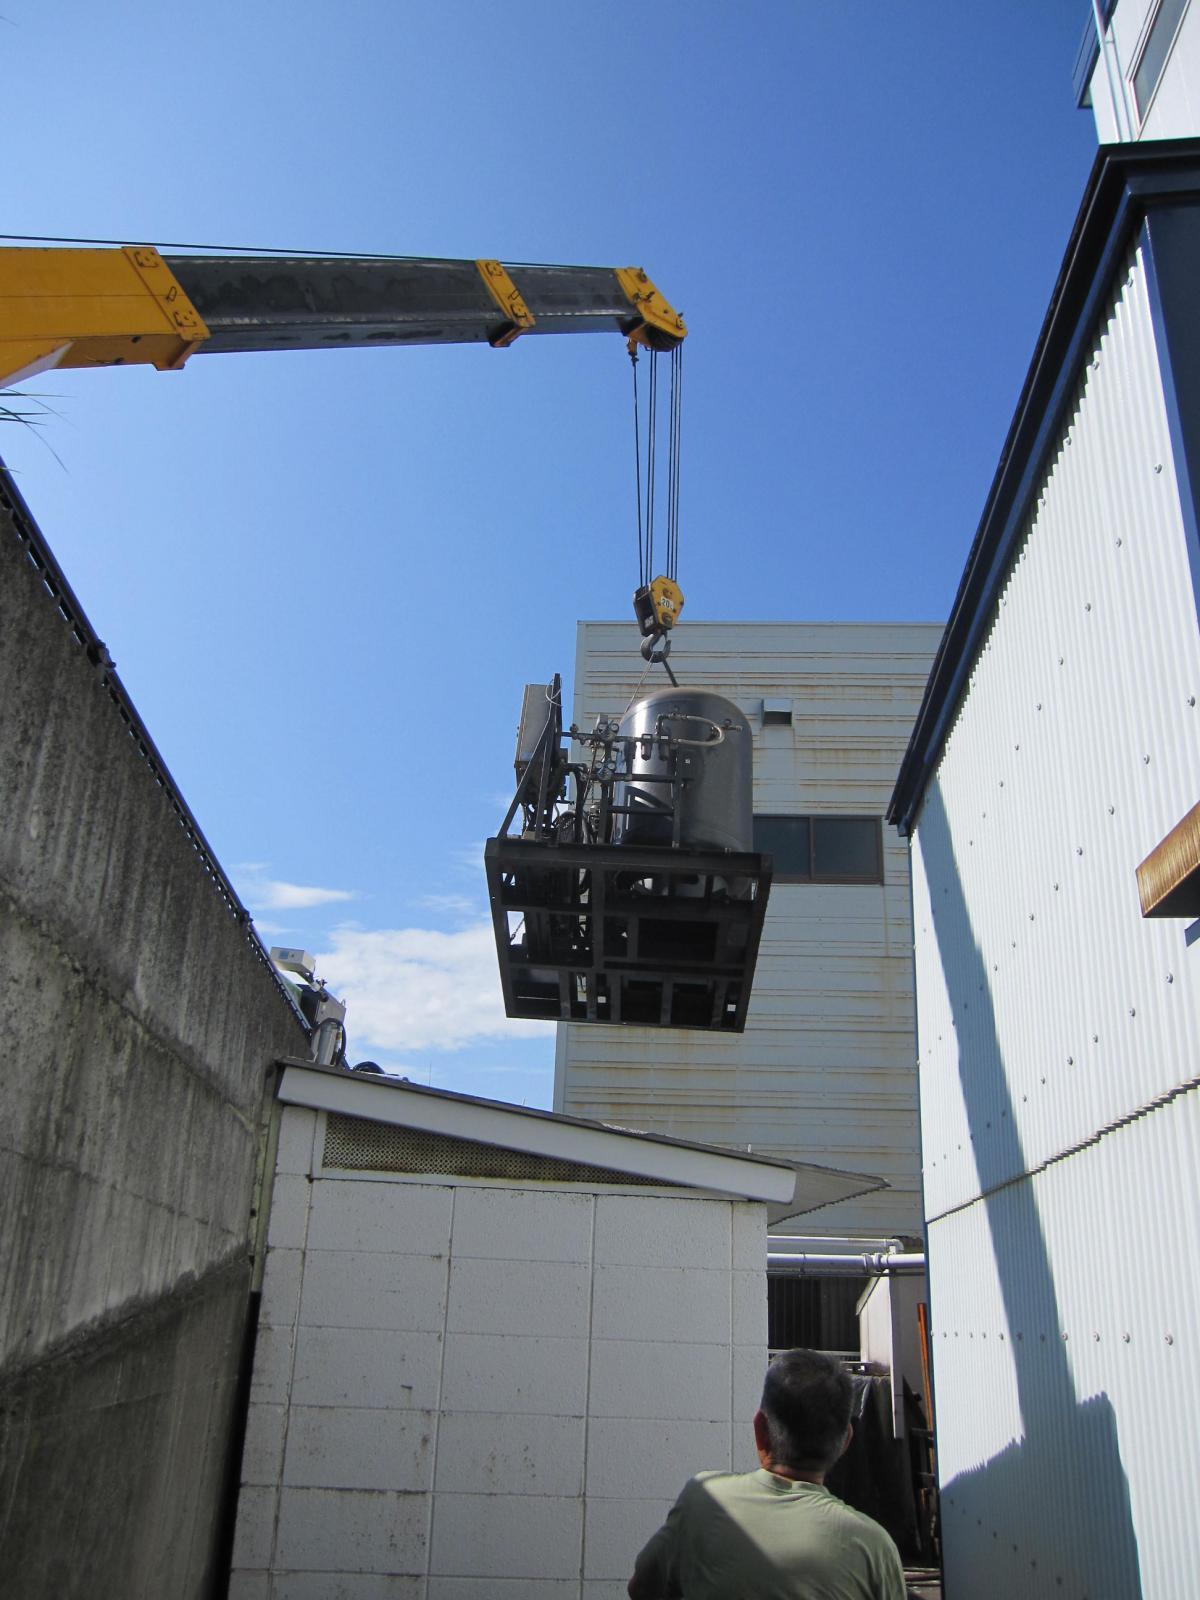 タレットパンチ・レーザー複合機の窒素発生装置設備更新